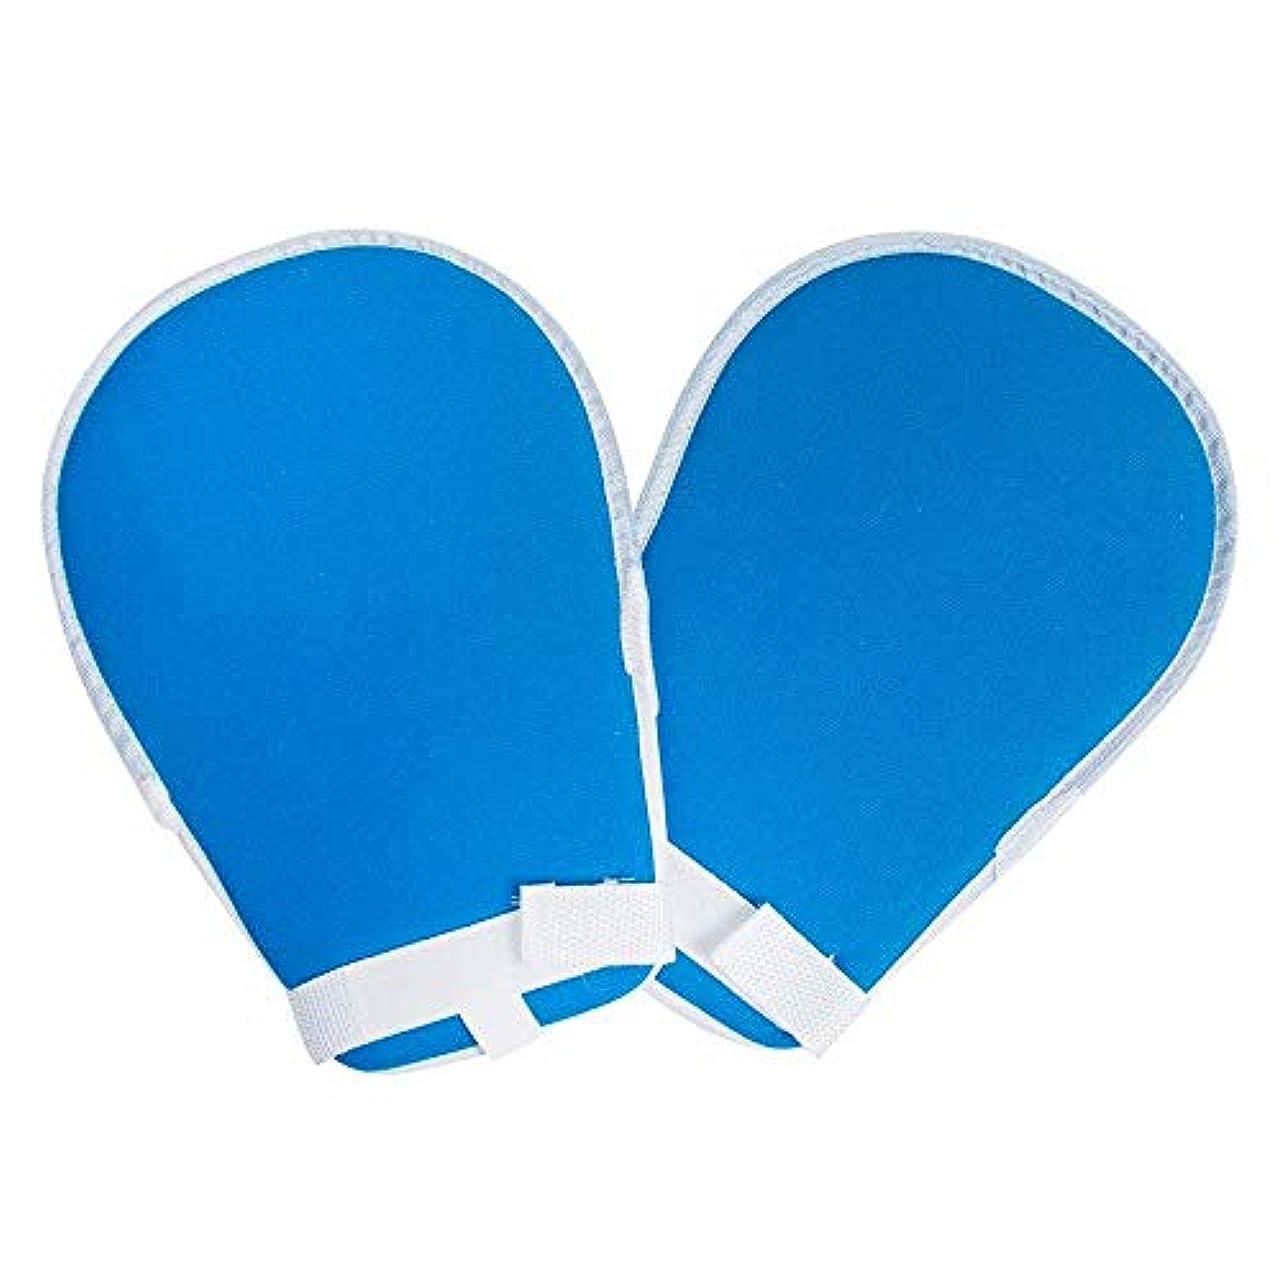 関税姿勢サリープロテクターパッド入りフィンガーコントロールミット防止チューブ手防止予防患者の傷自己害患者の手感染指の害固定高齢者